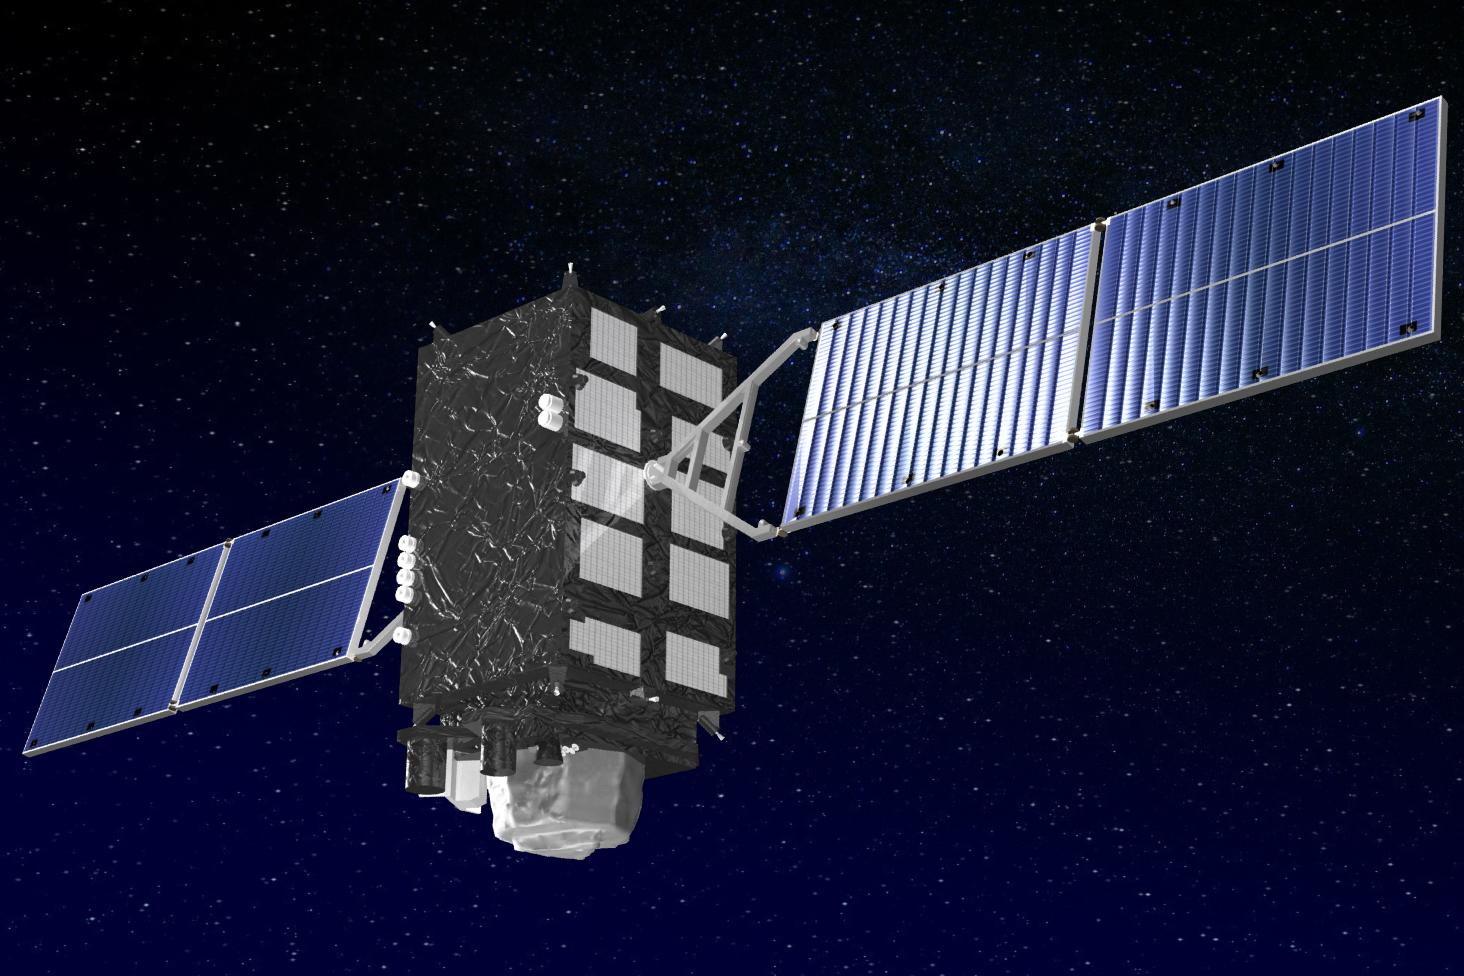 みちびき:準天頂軌道衛星